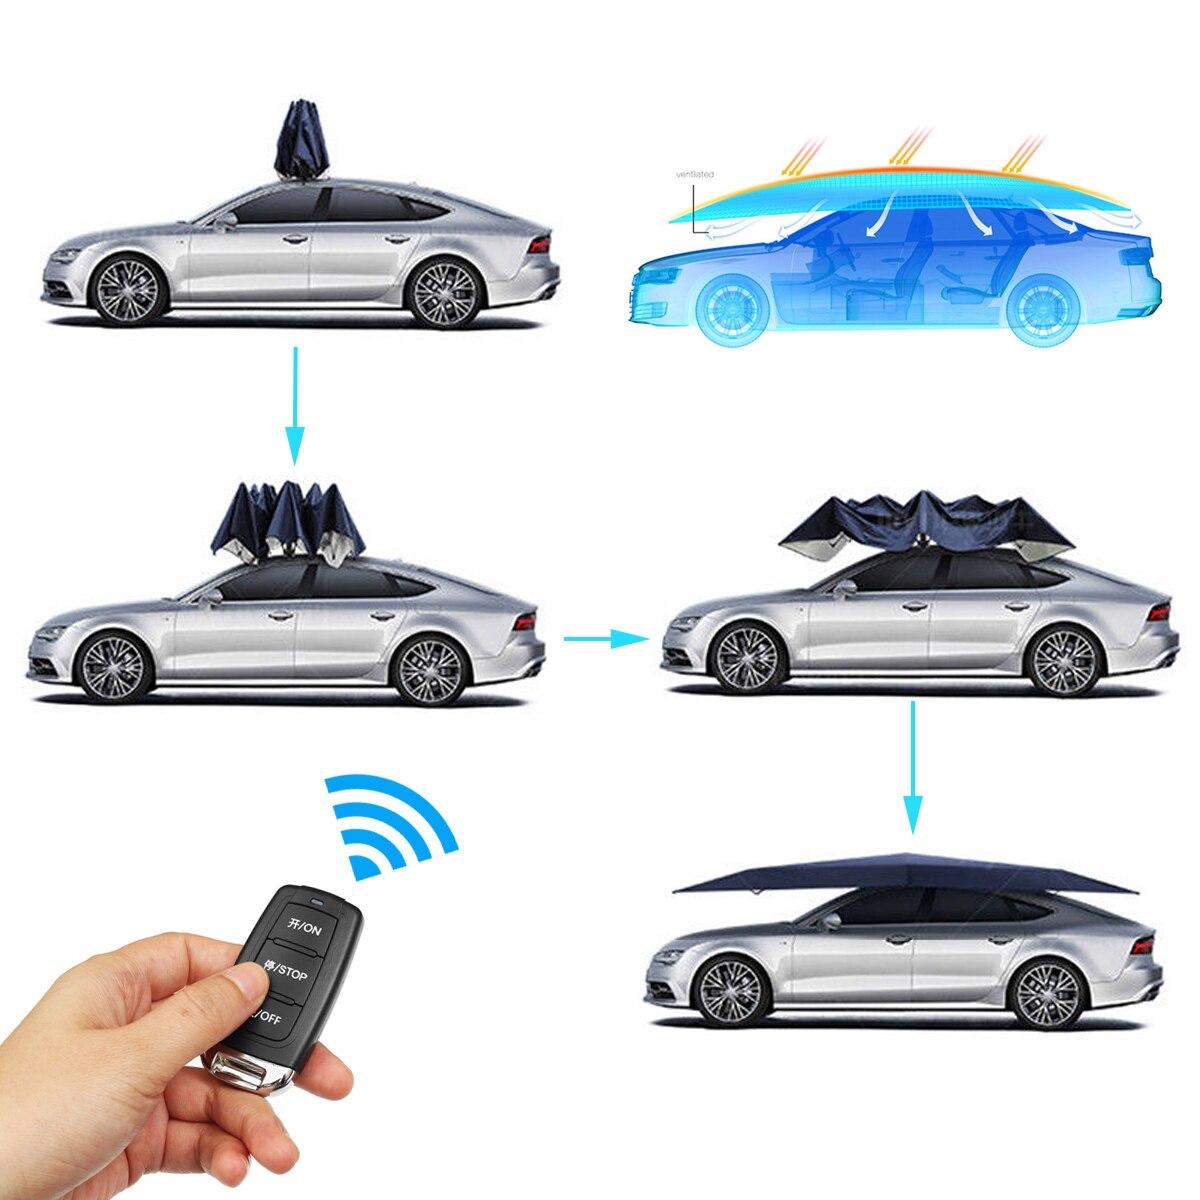 Portatile Full Automatico Esterno Tenda Auto Ombrello di Copertura del Tetto UV Kit di Protezione della Copertura Auto Ombrello Tenda Da Sole con Telecomando di Controllo